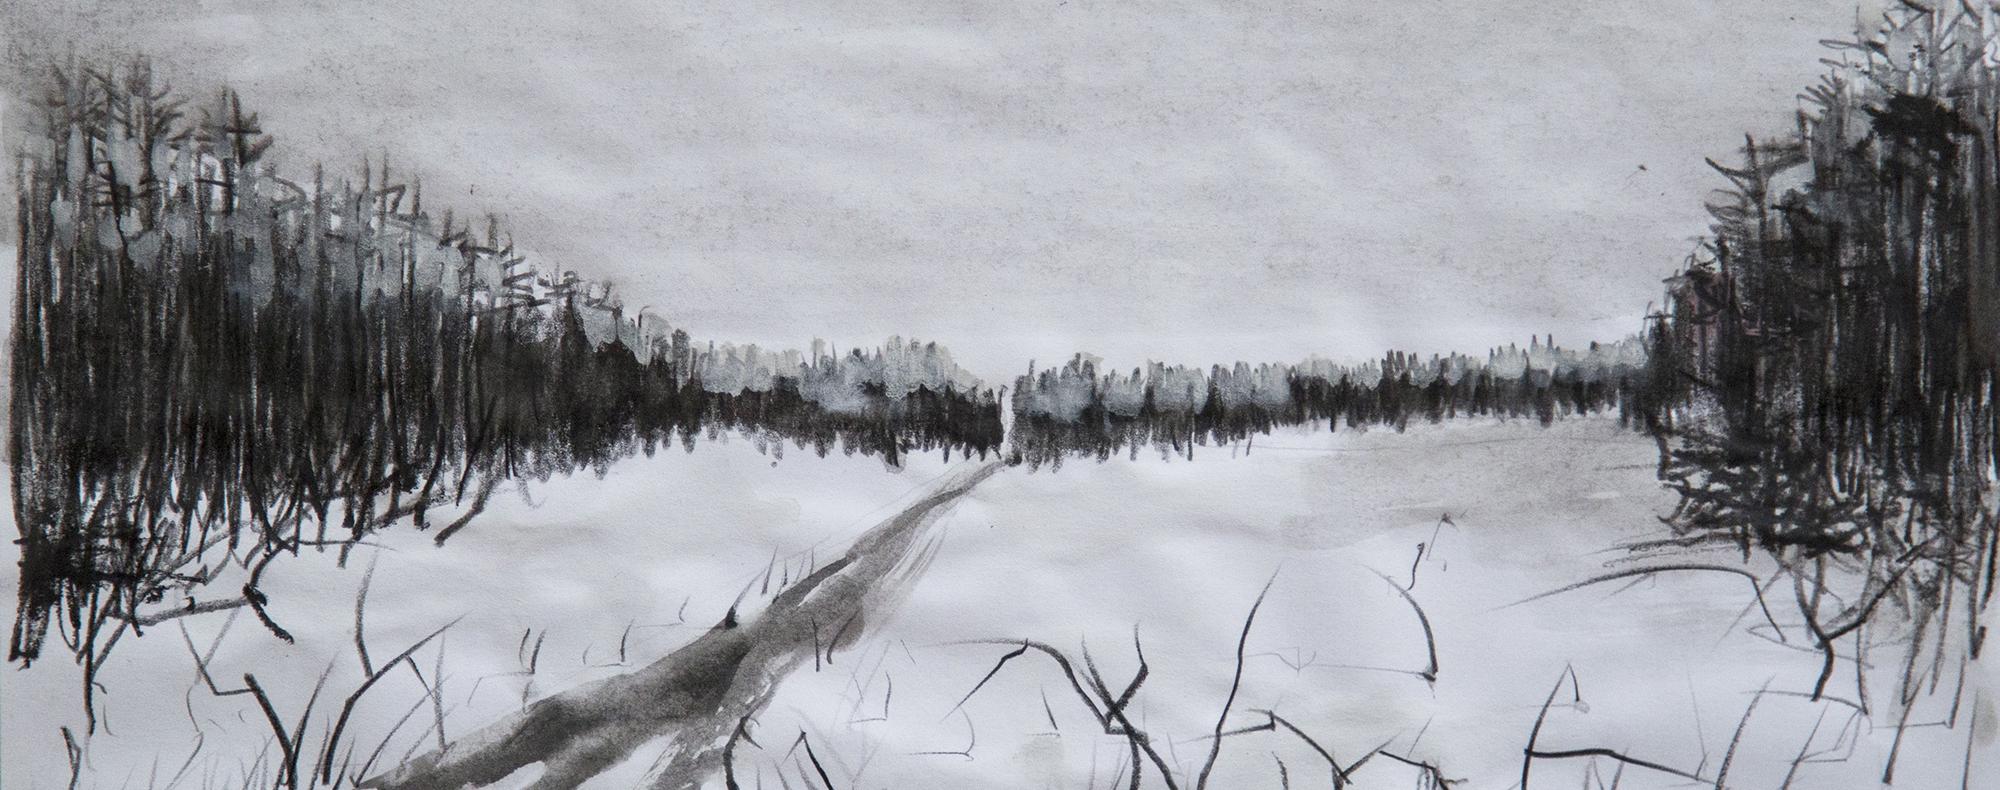 Краснодарский художник Андрей Серков: Искусство требует честности